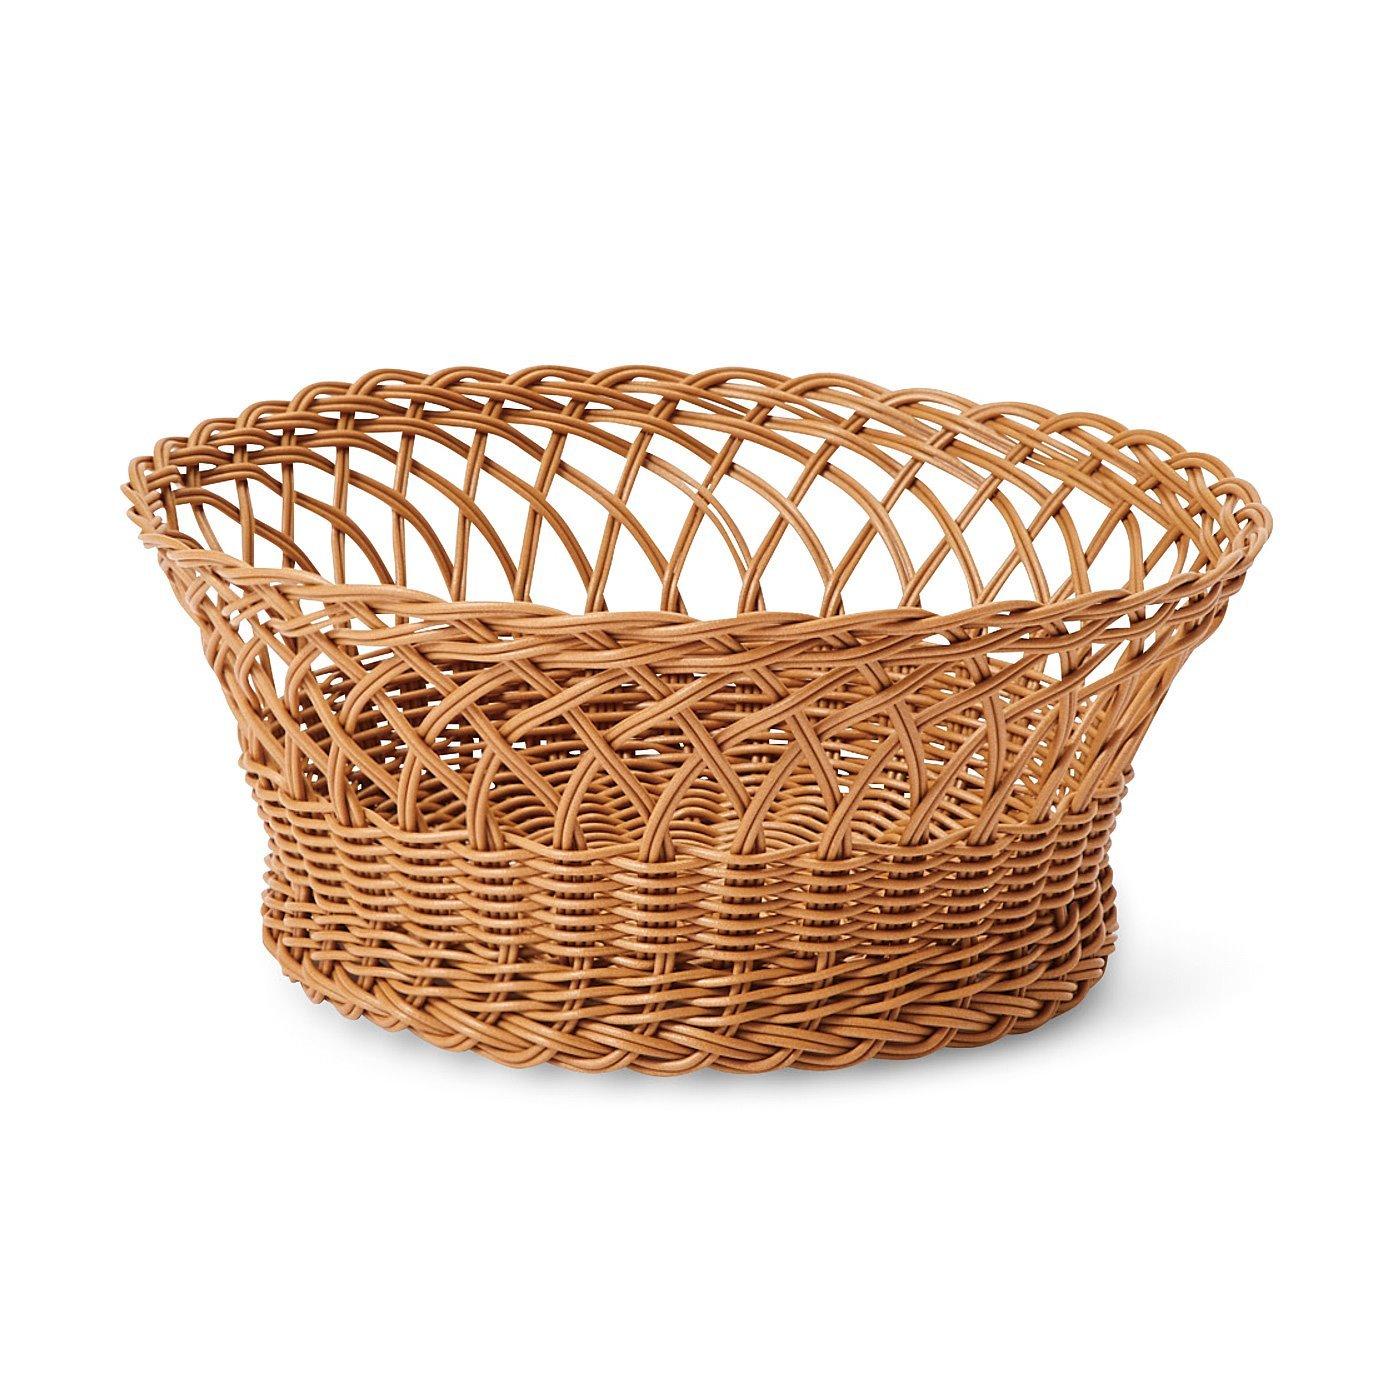 am&be 洗えてしなやか あこがれのラタン風手編みバスケットの会